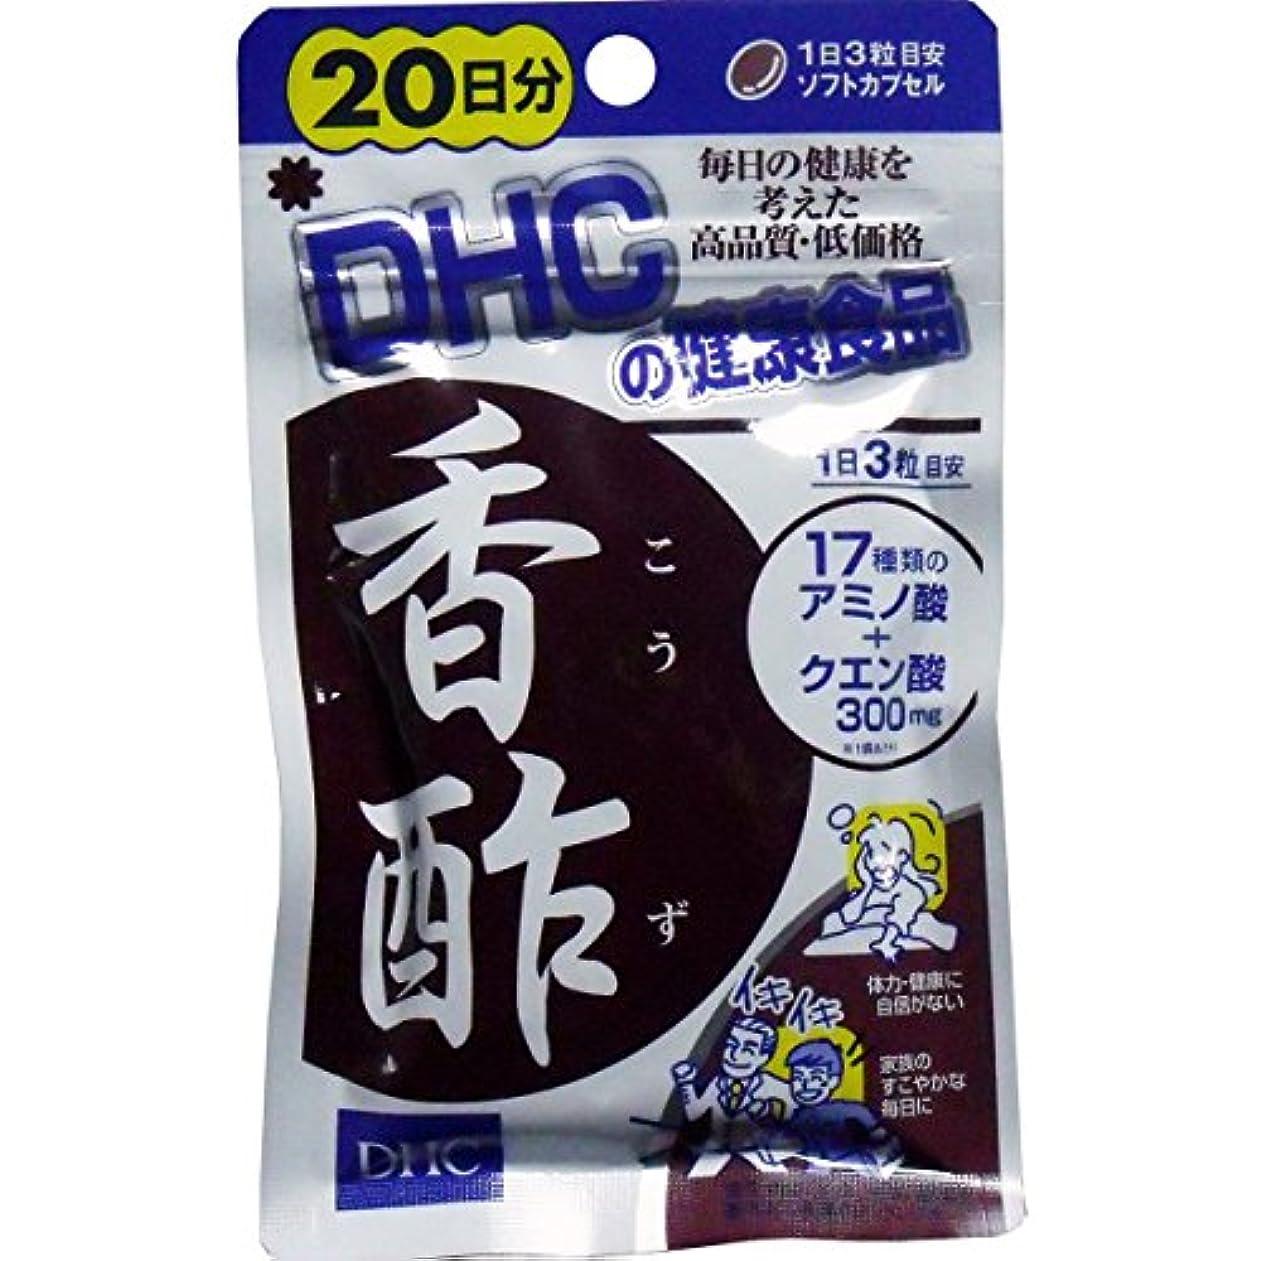 欲求不満雑多な割合DHC香酢20日分 60粒【3個セット】